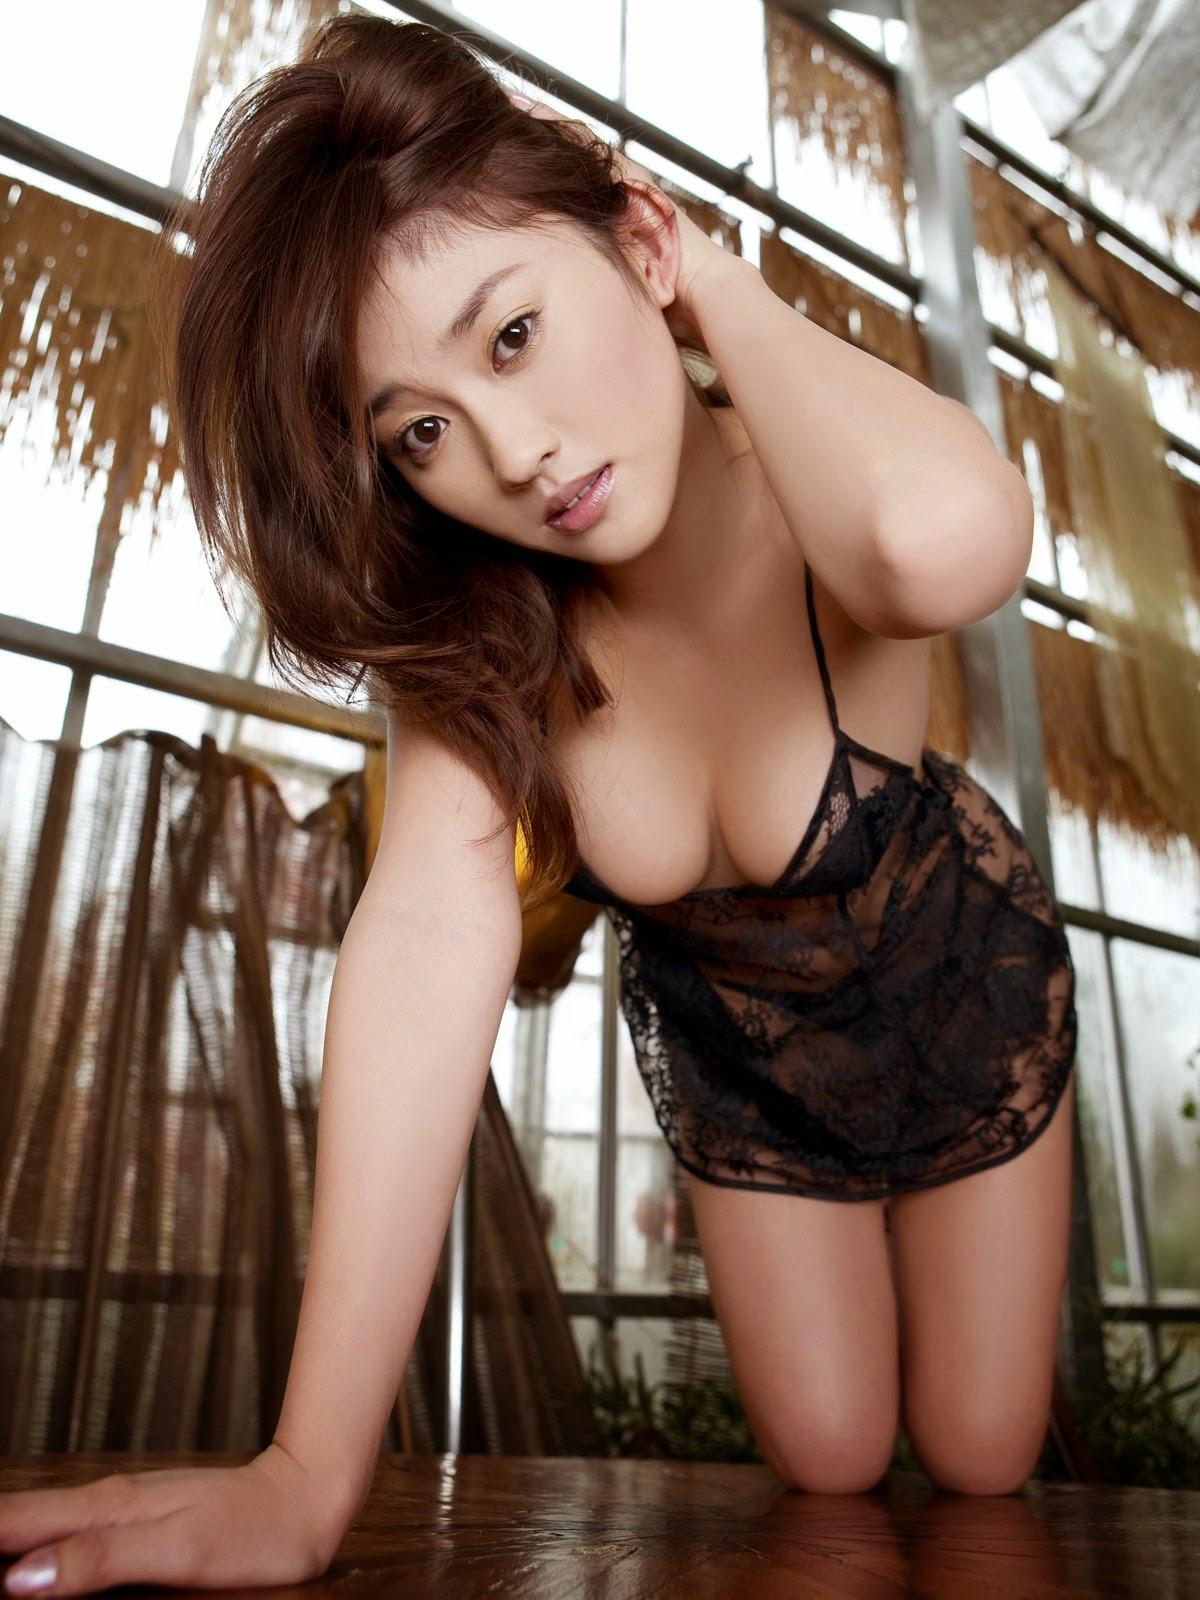 Nín thở ngắm thân hình gợi cảm của Mikie Hara 7